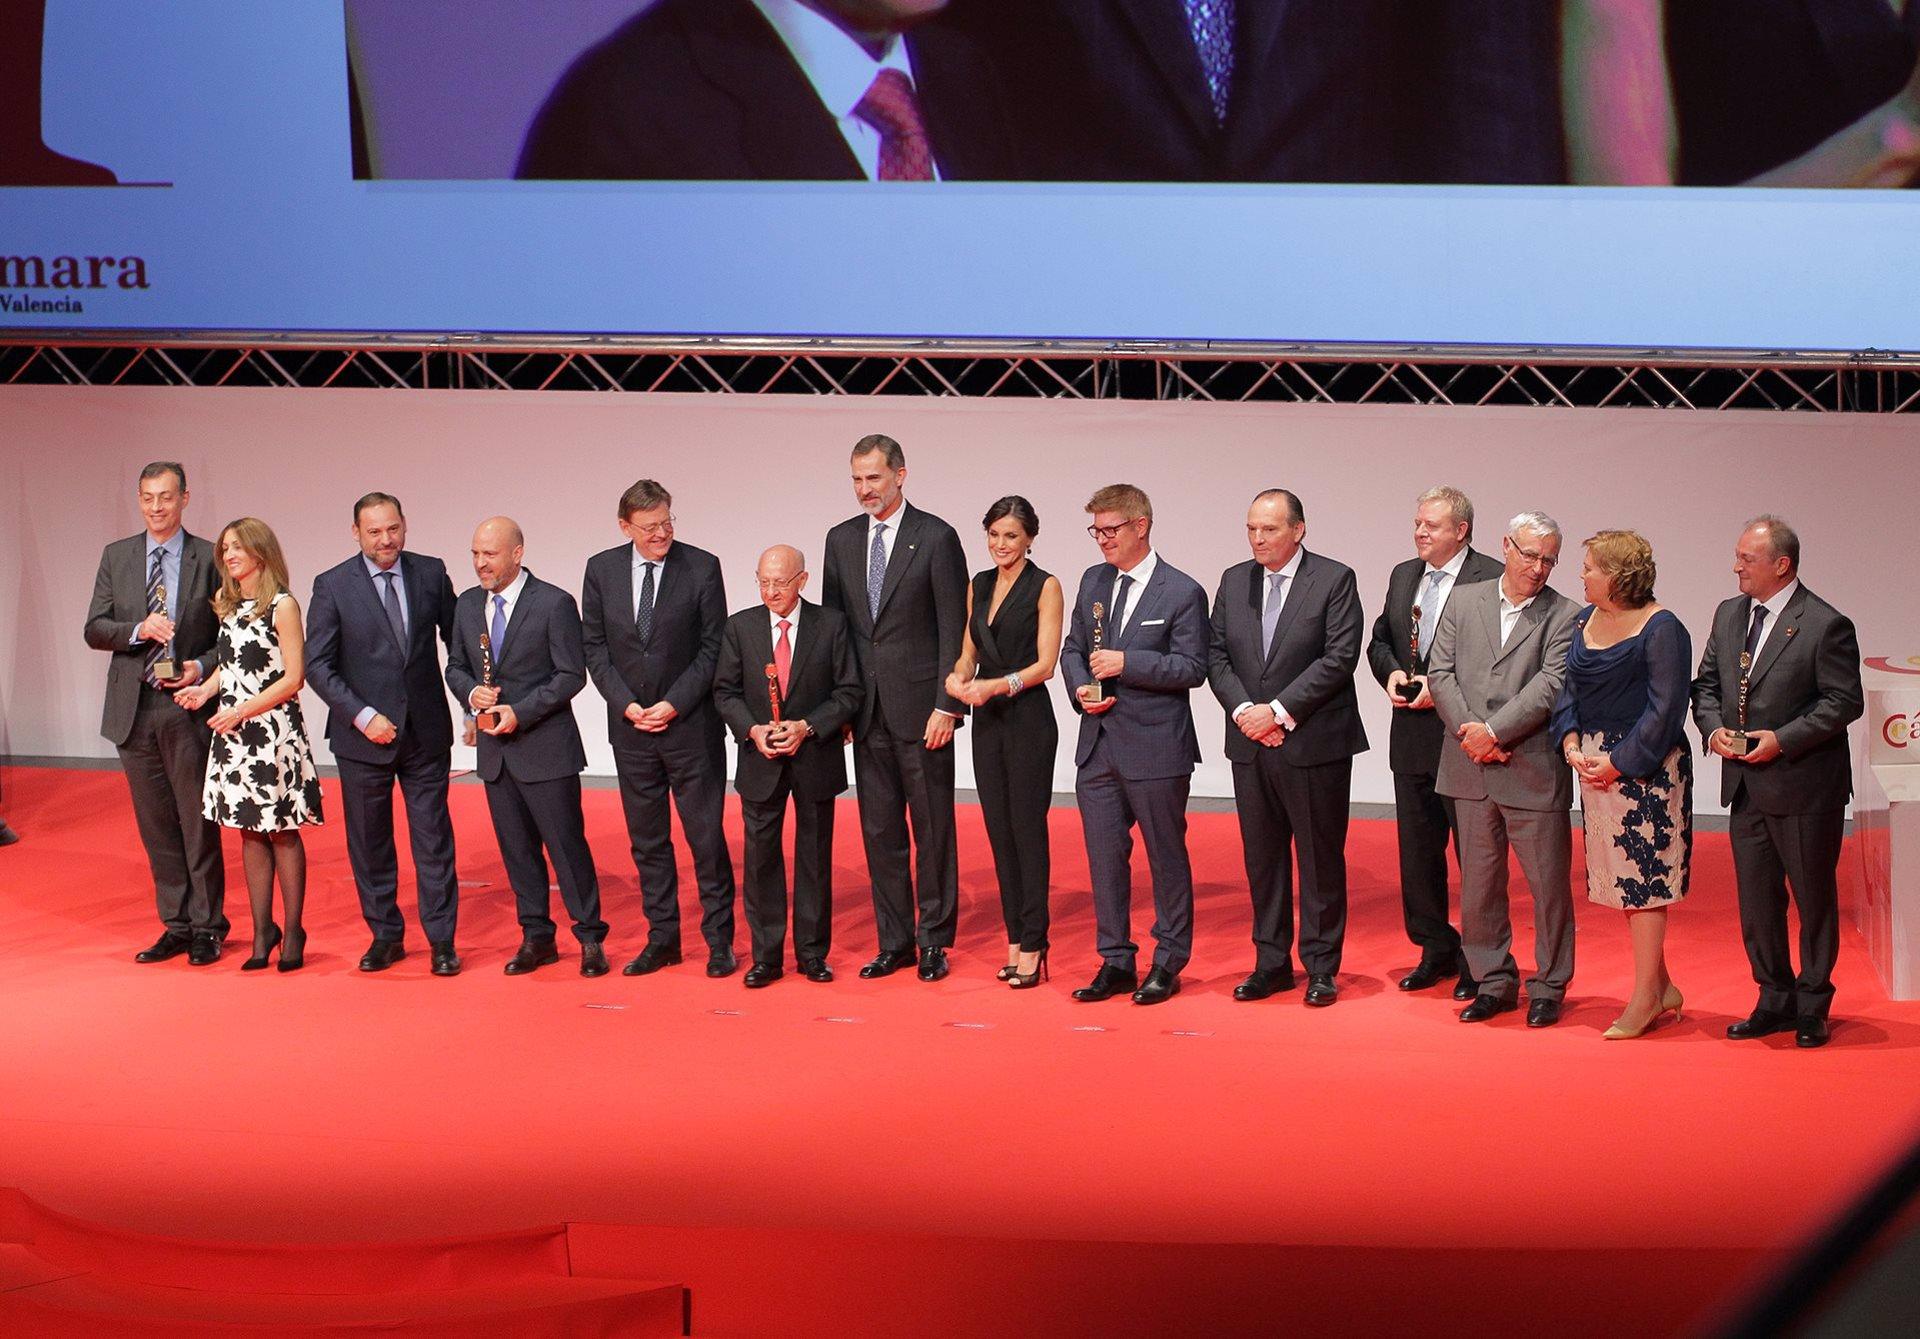 Los Reyes Felipe y Letizia foto con todos los premiados en la Noche de la Economía Valenciana